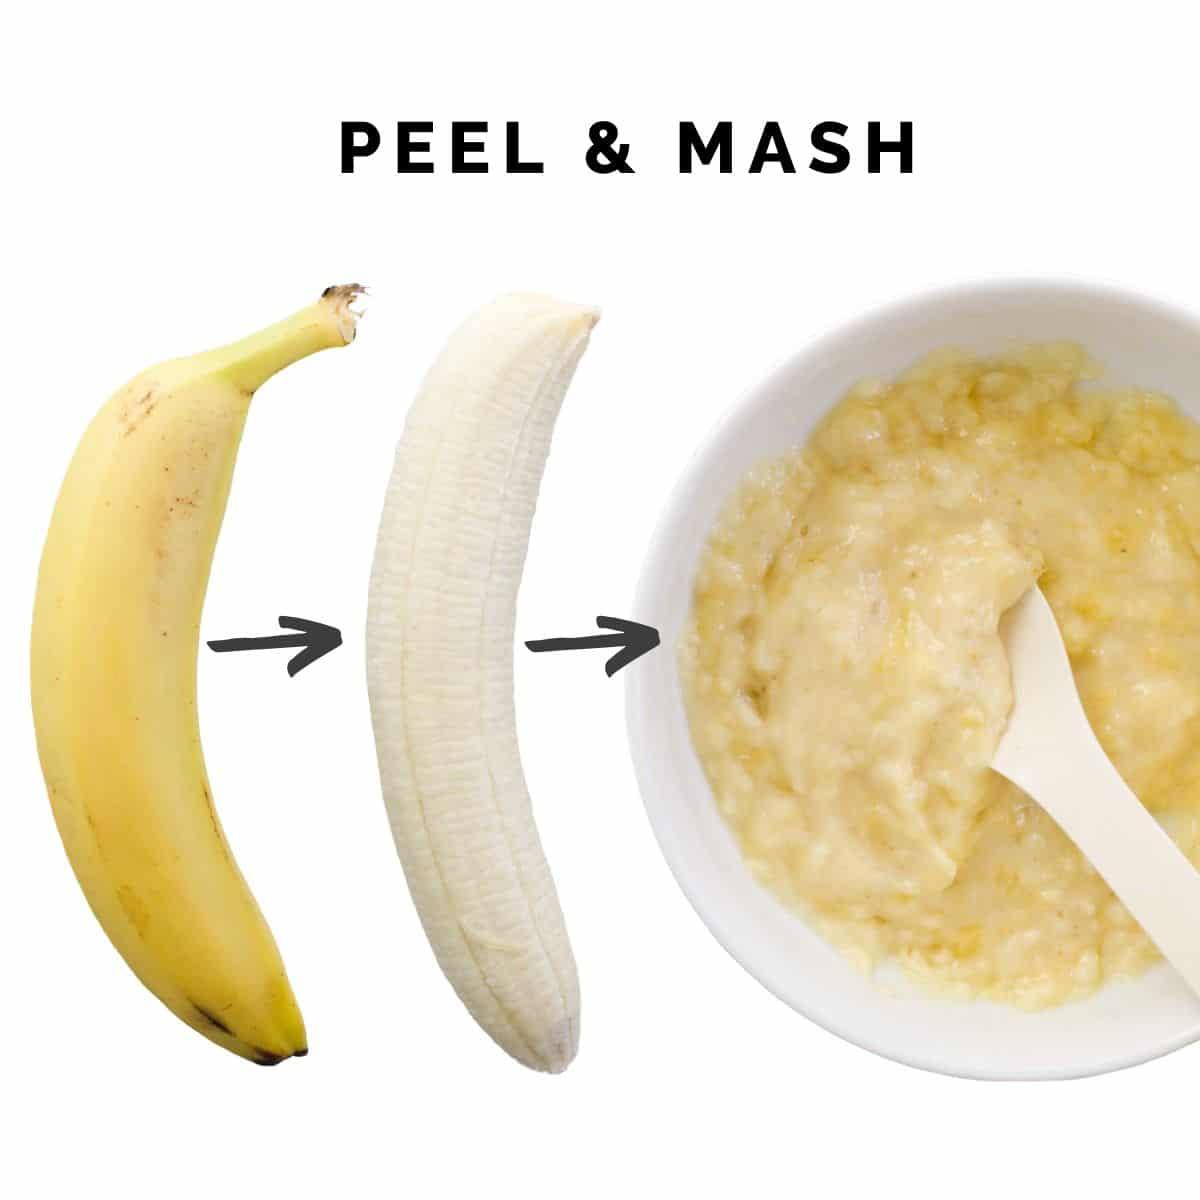 Banana Before Peeling, Banana After Peeling and Banana Mashed in Bowl